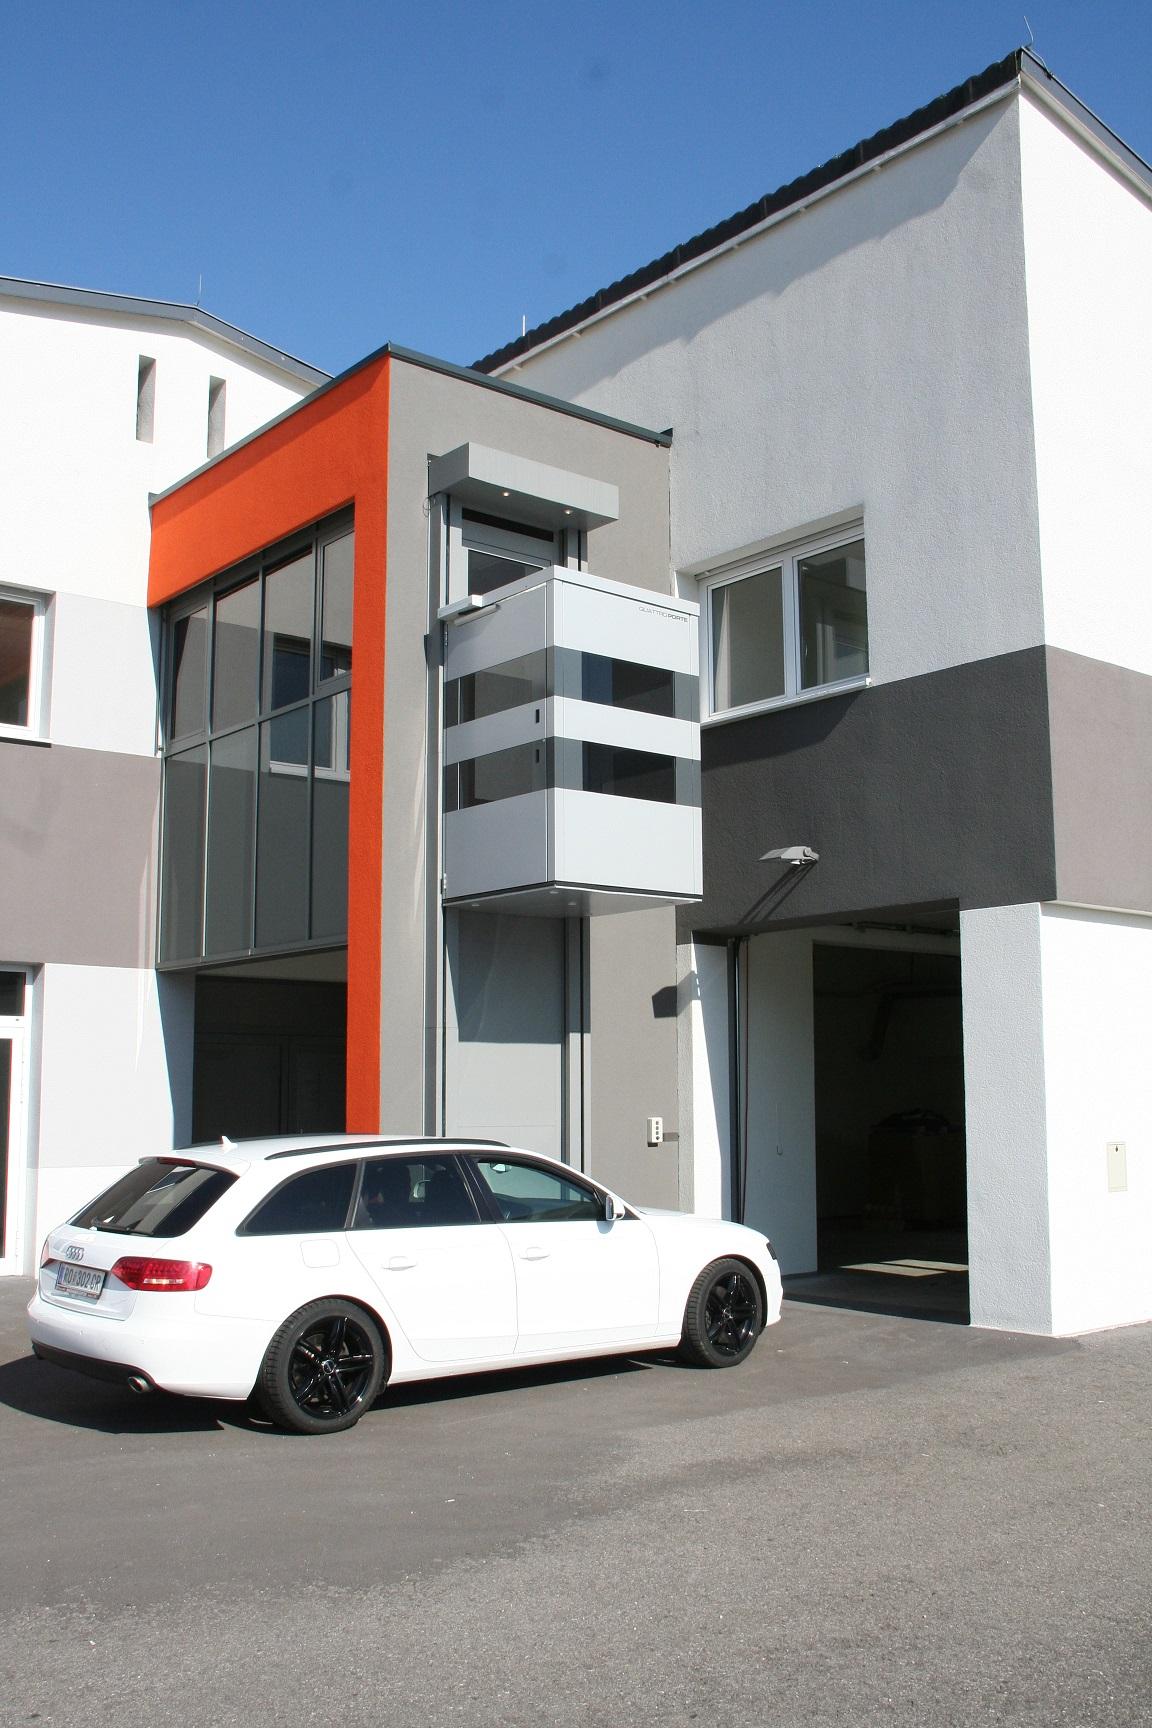 An der Aussenfassade integriert bietet der Homelift QuattroPorte eine platzsparende Alternative zum Aufzug, da er keinen Schacht benötigt